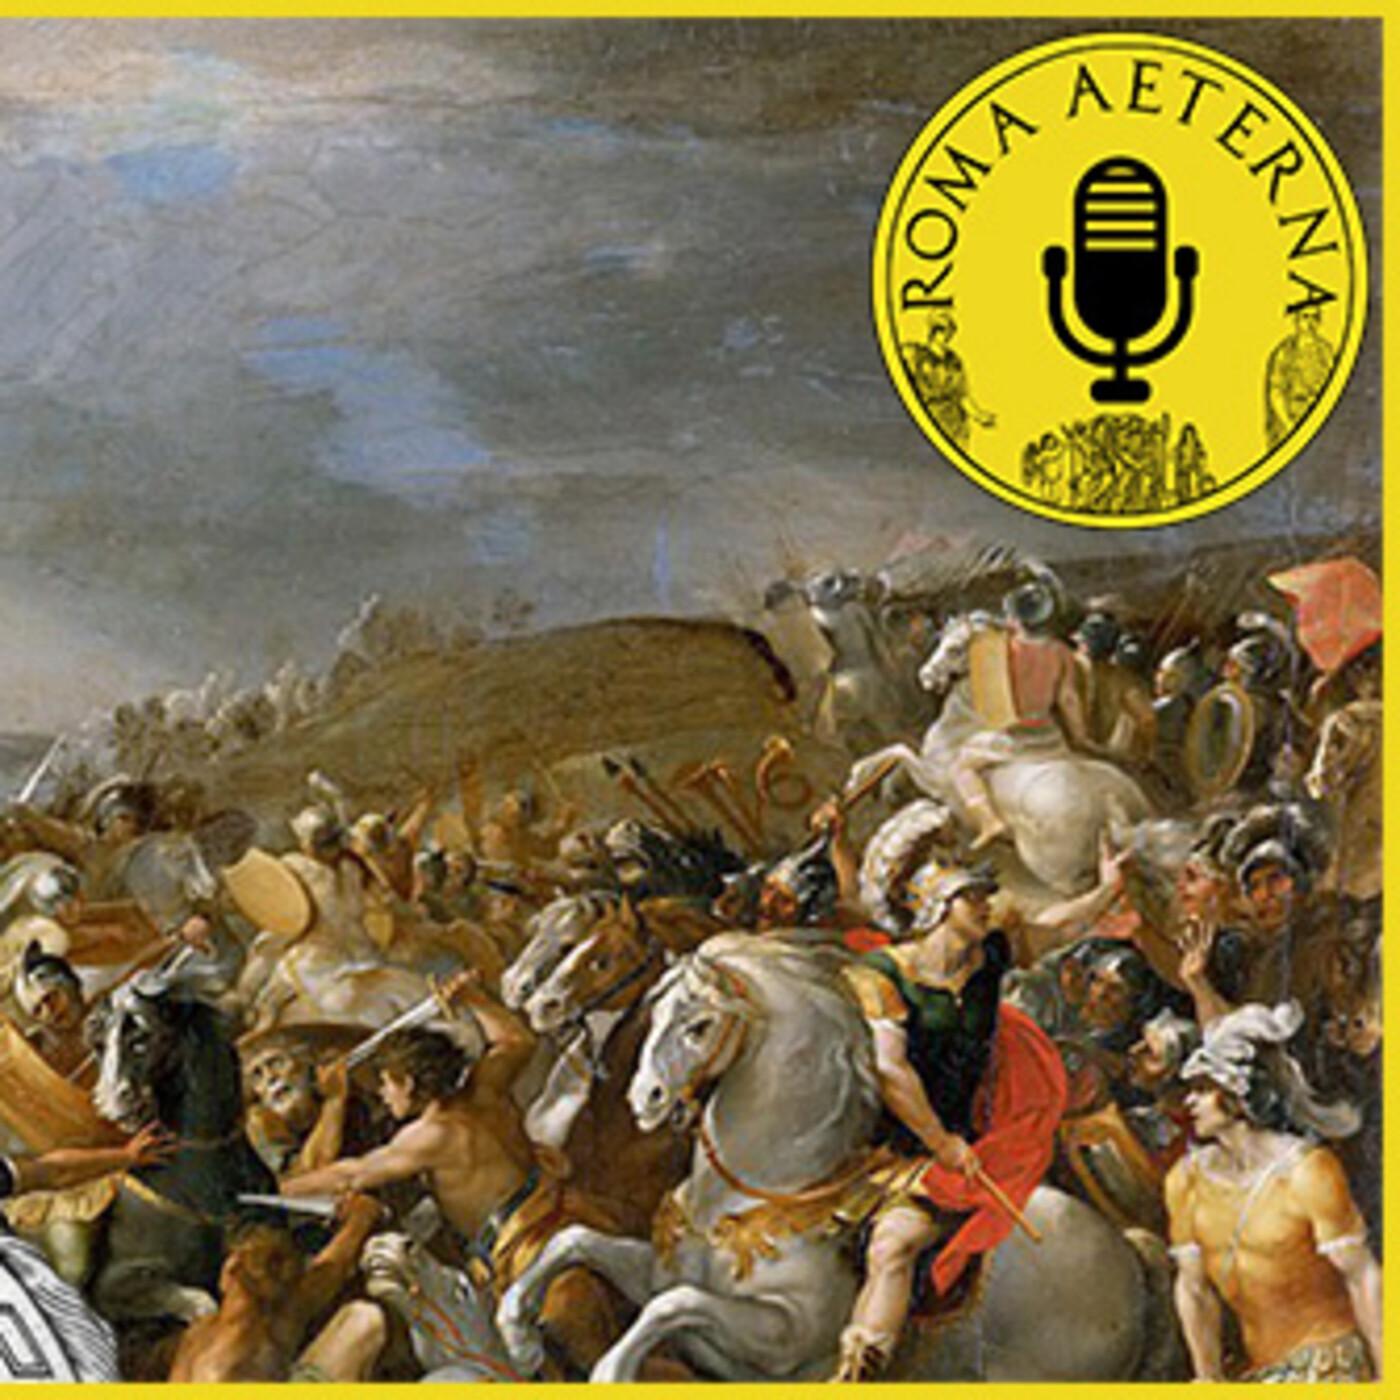 Programa 6 - Reyes de Roma III: Tulo Hostilio. La destrucción de Alba Longa.